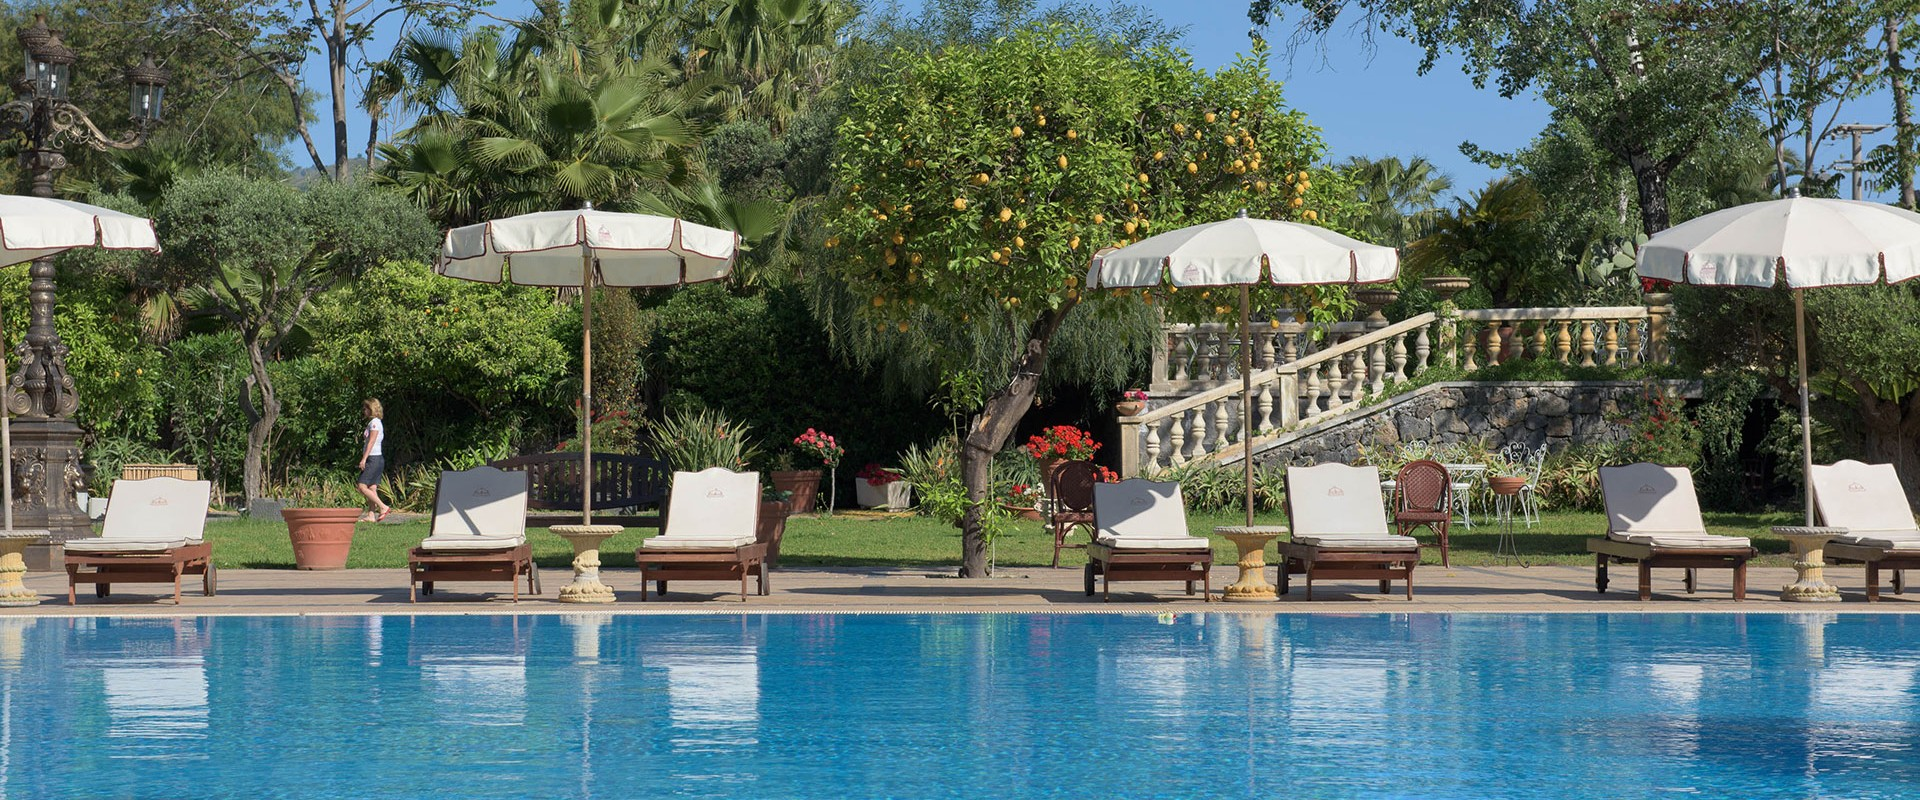 Hotel Sicilia con piscina